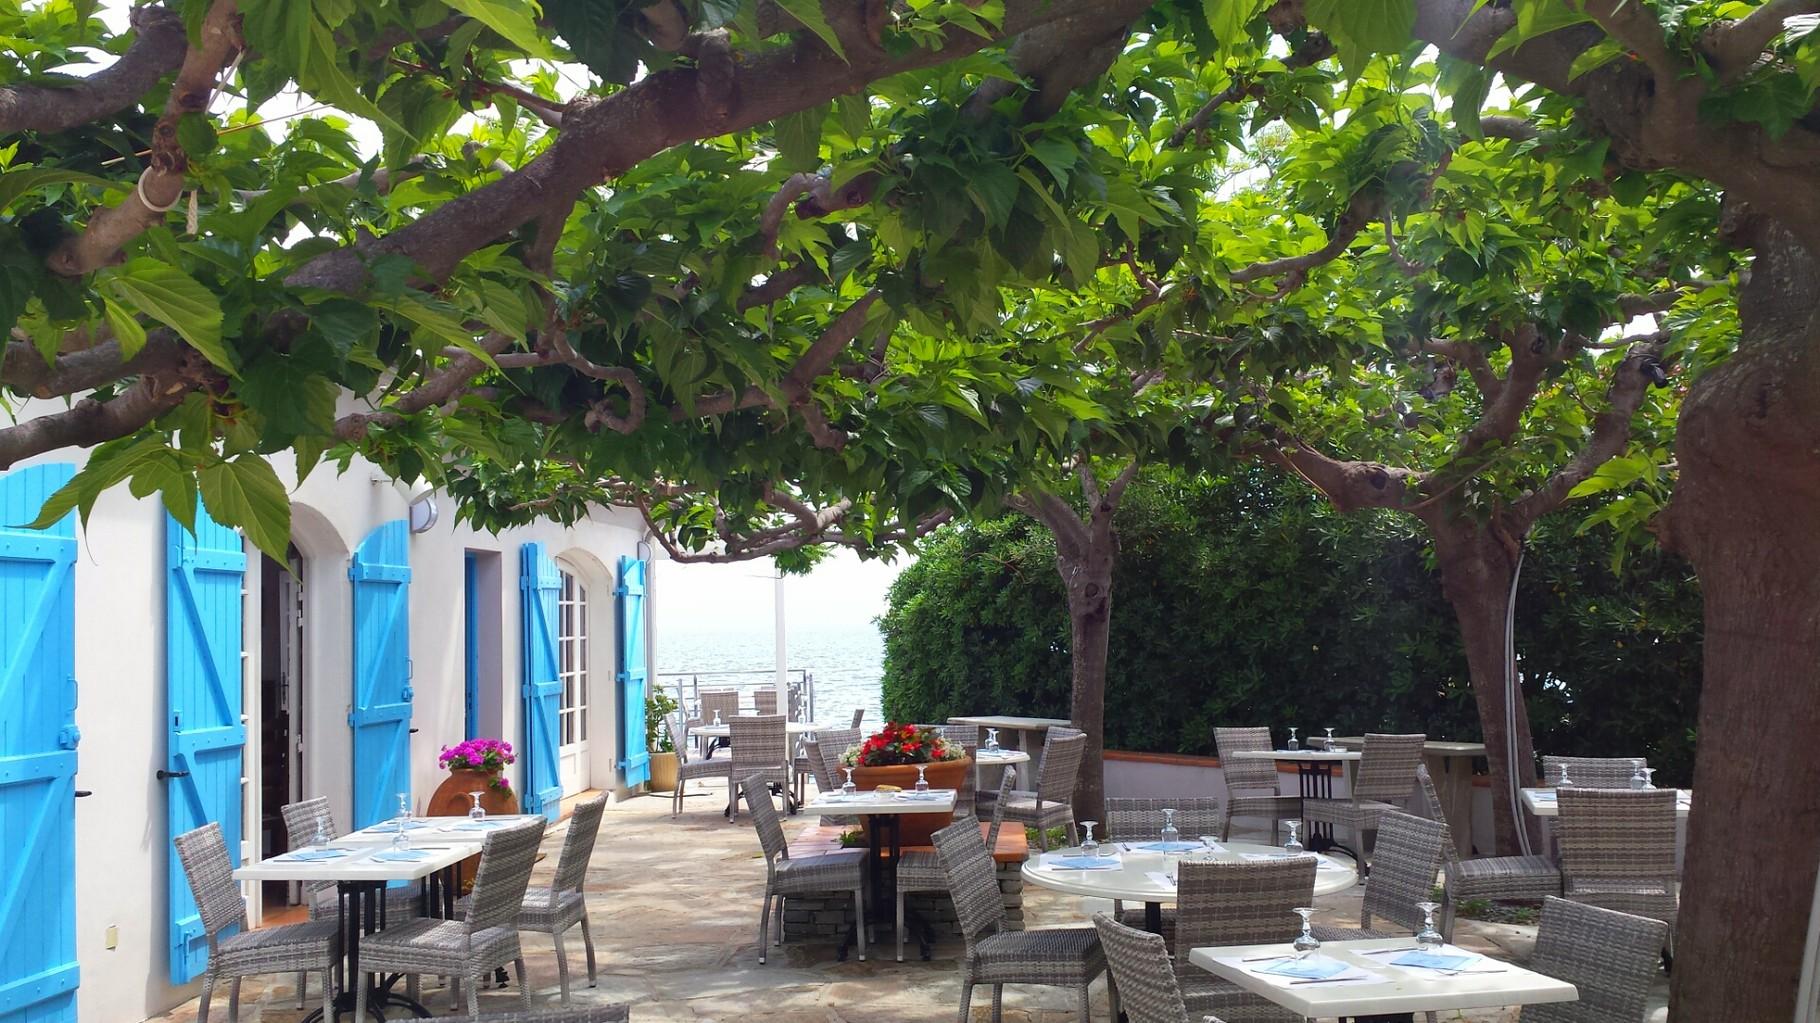 Restaurant A Casaïola, Marine de Sisco, Cap Corse